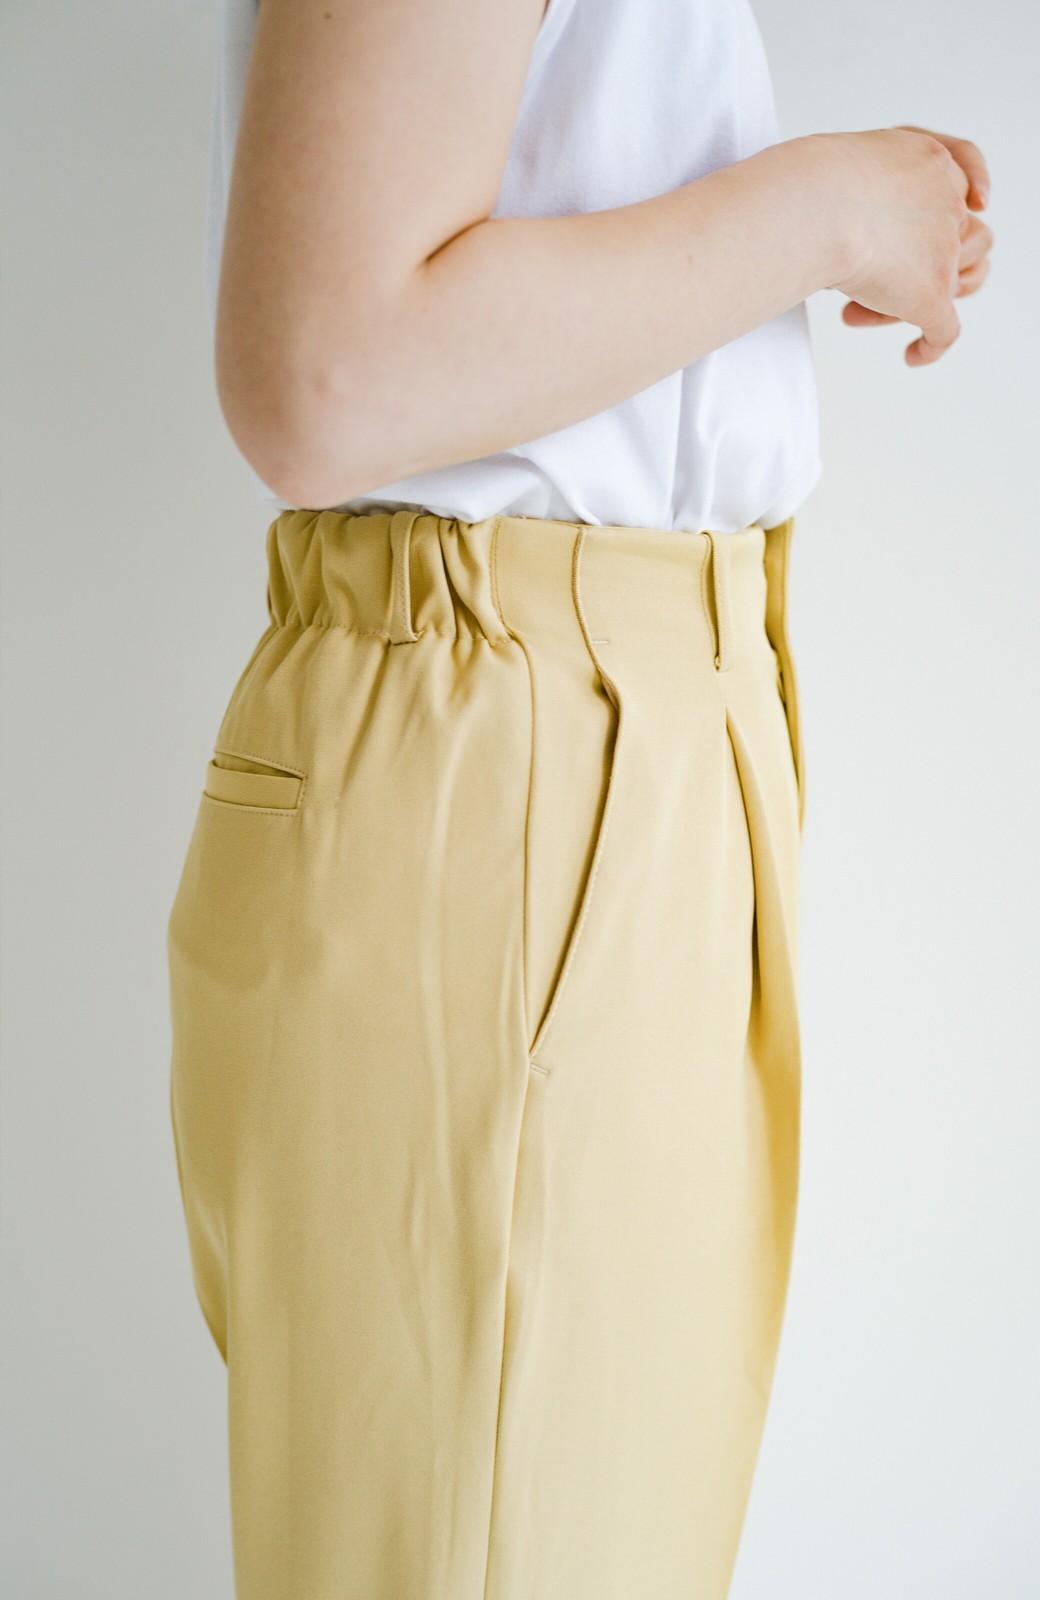 haco! 迷った朝はこれ着よう!元気が出るきれい色パンツにちょい袖大人Tシャツを合わせておいた作り置きコーデセット by que made me <その他>の商品写真12